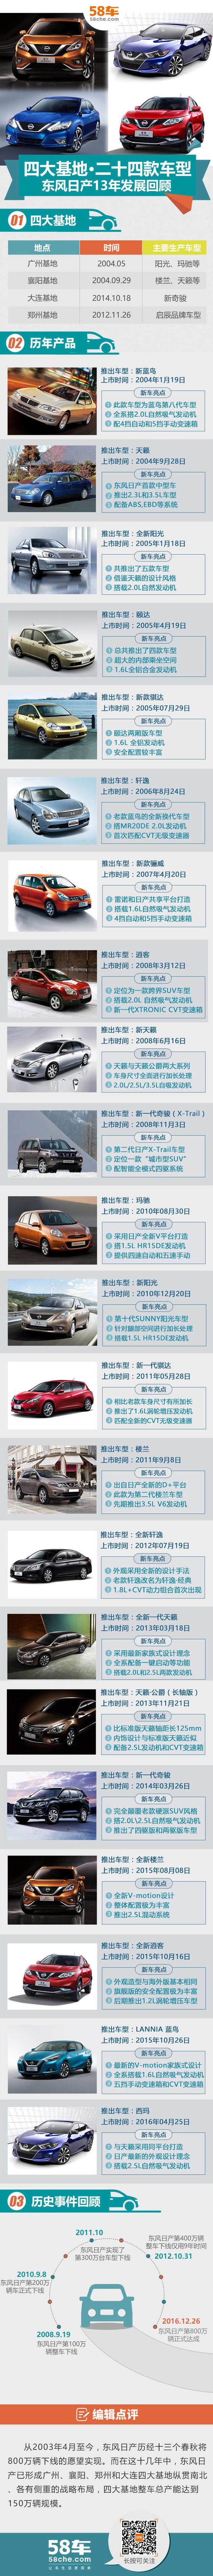 东风日产800万整车下线 4大基地/22款车